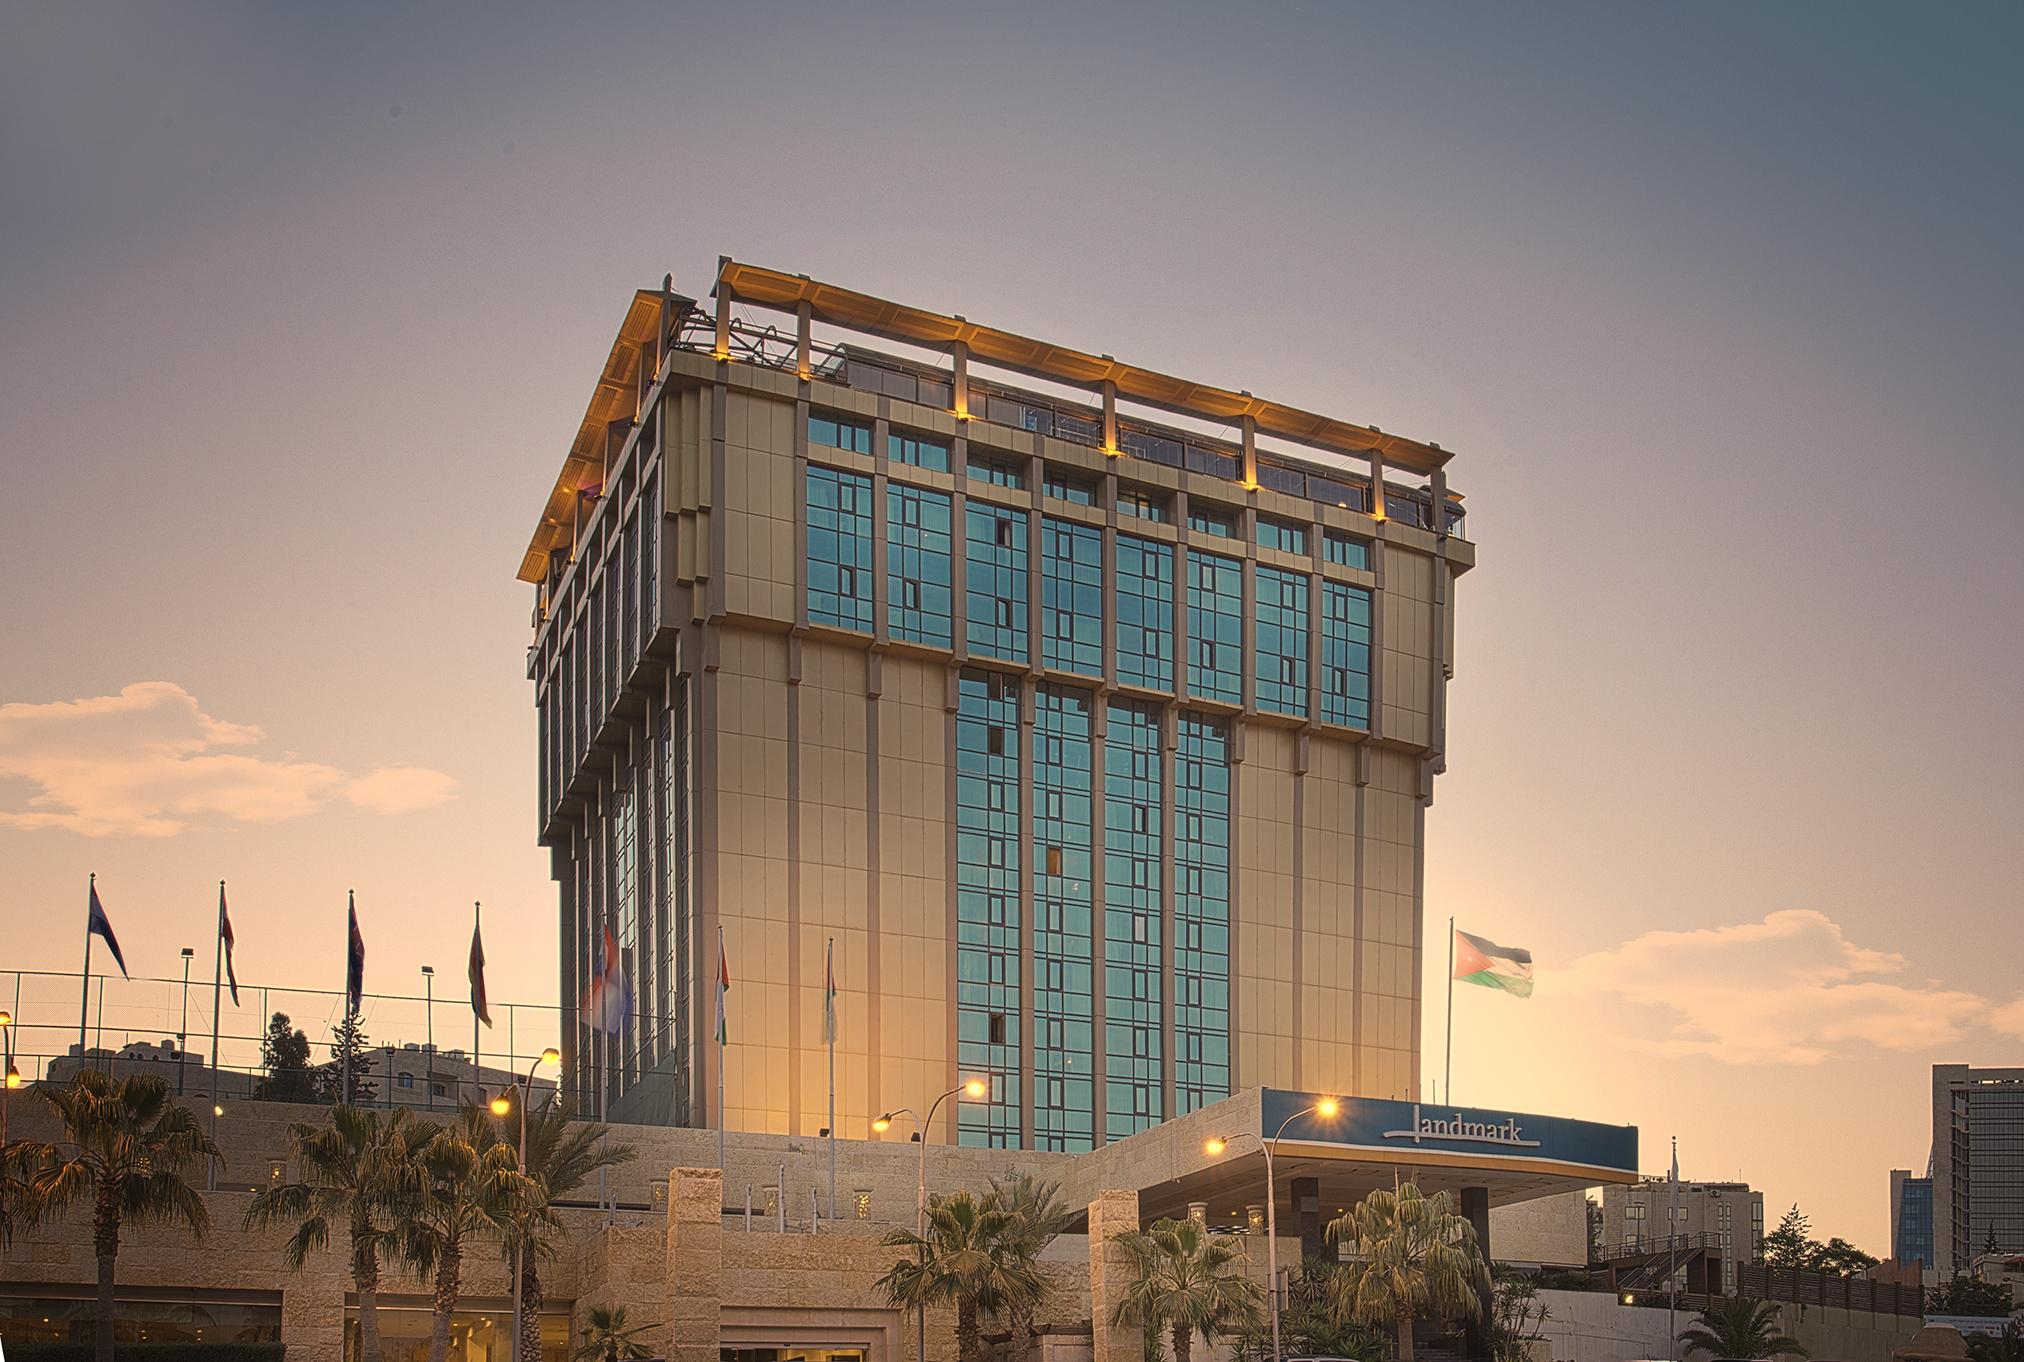 Landmark Amman Hotel & Conference Center, Wadi Essier